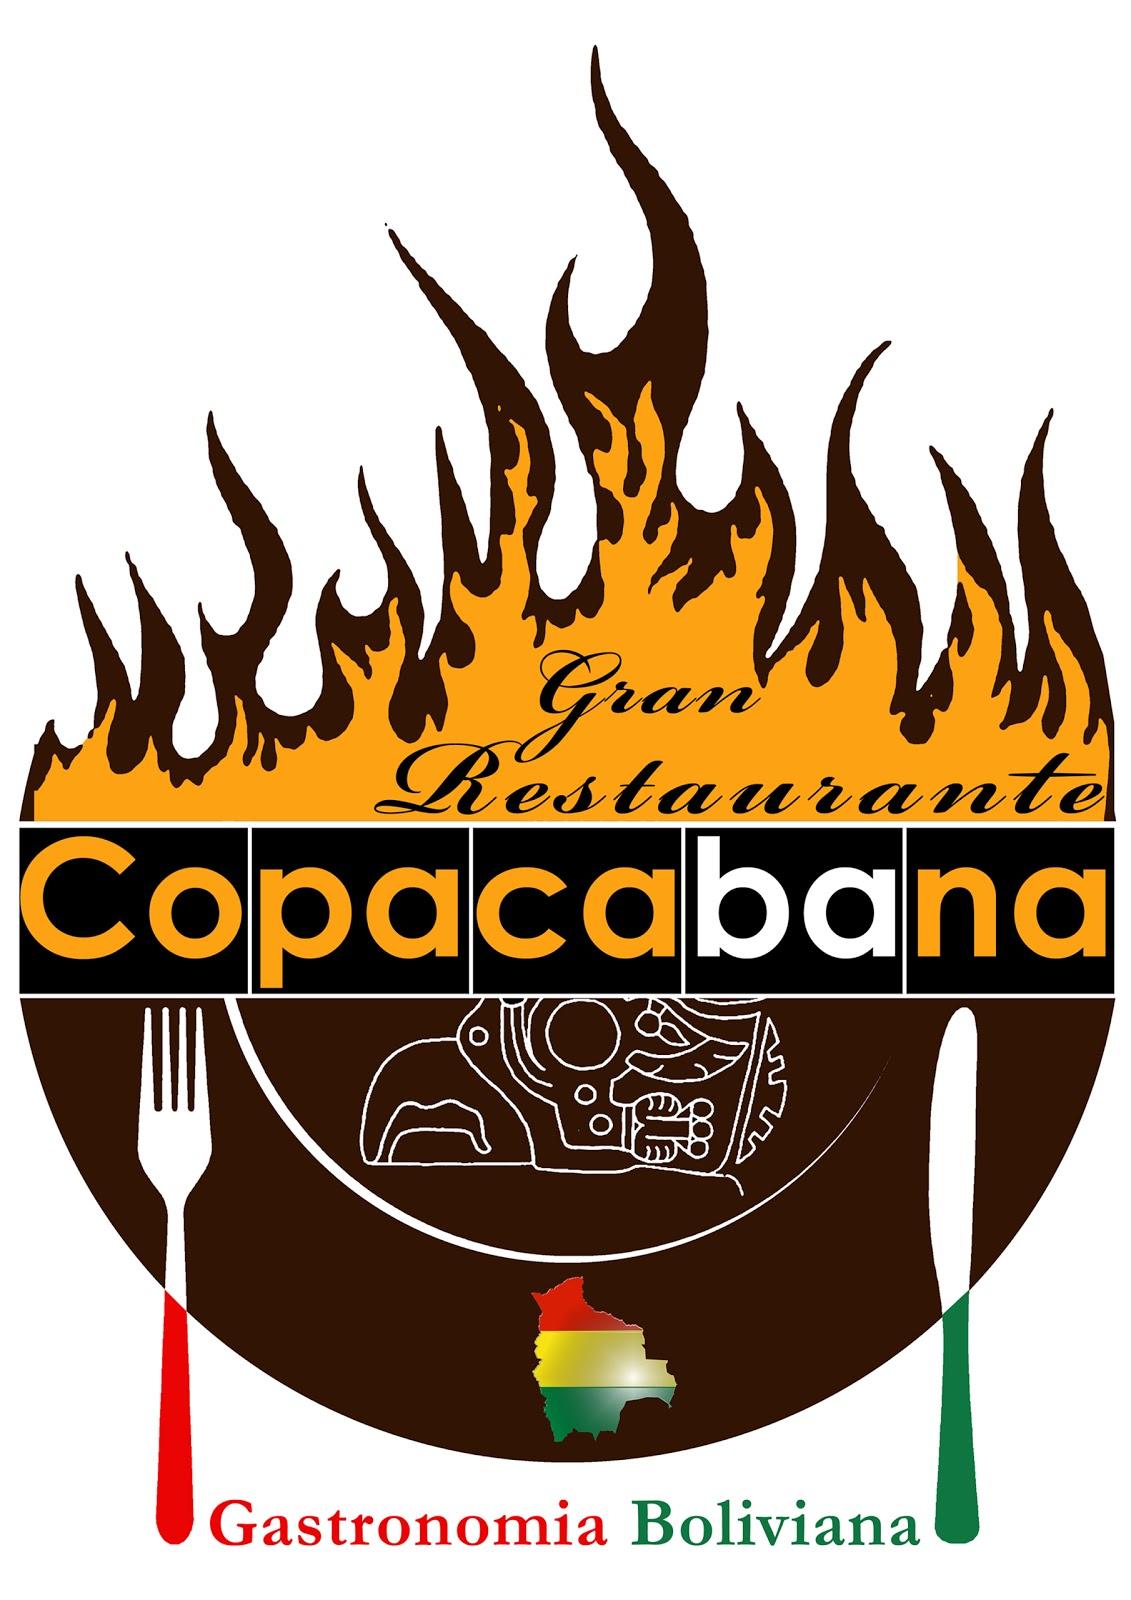 """Logo para restaurante """"Gran Copacabana"""""""